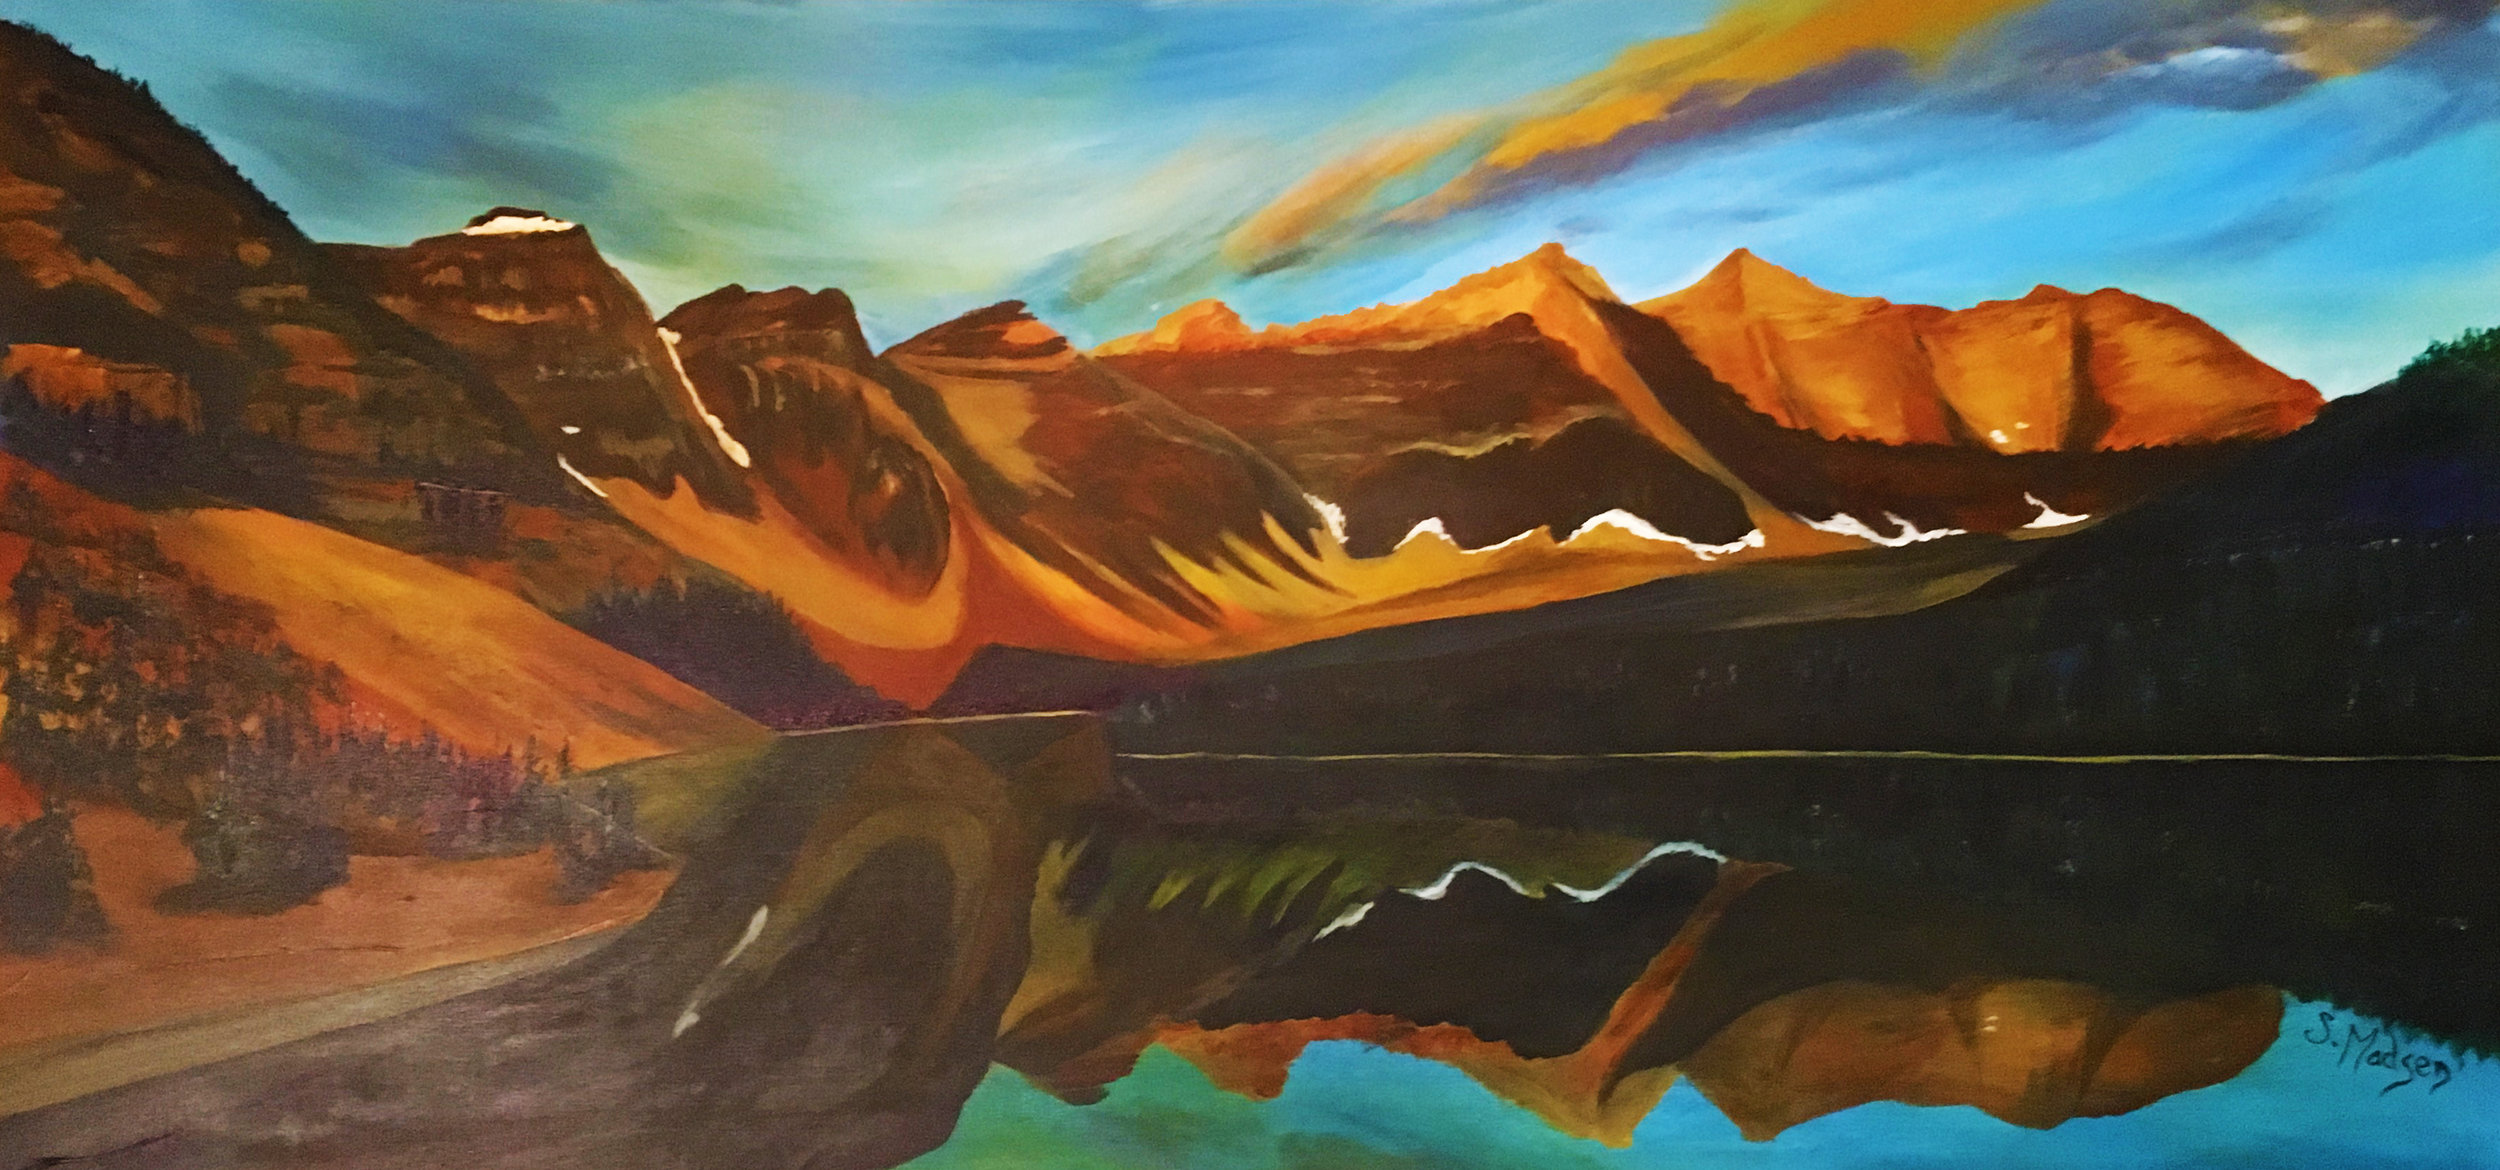 10 peaks, Banff, Alberta - commission